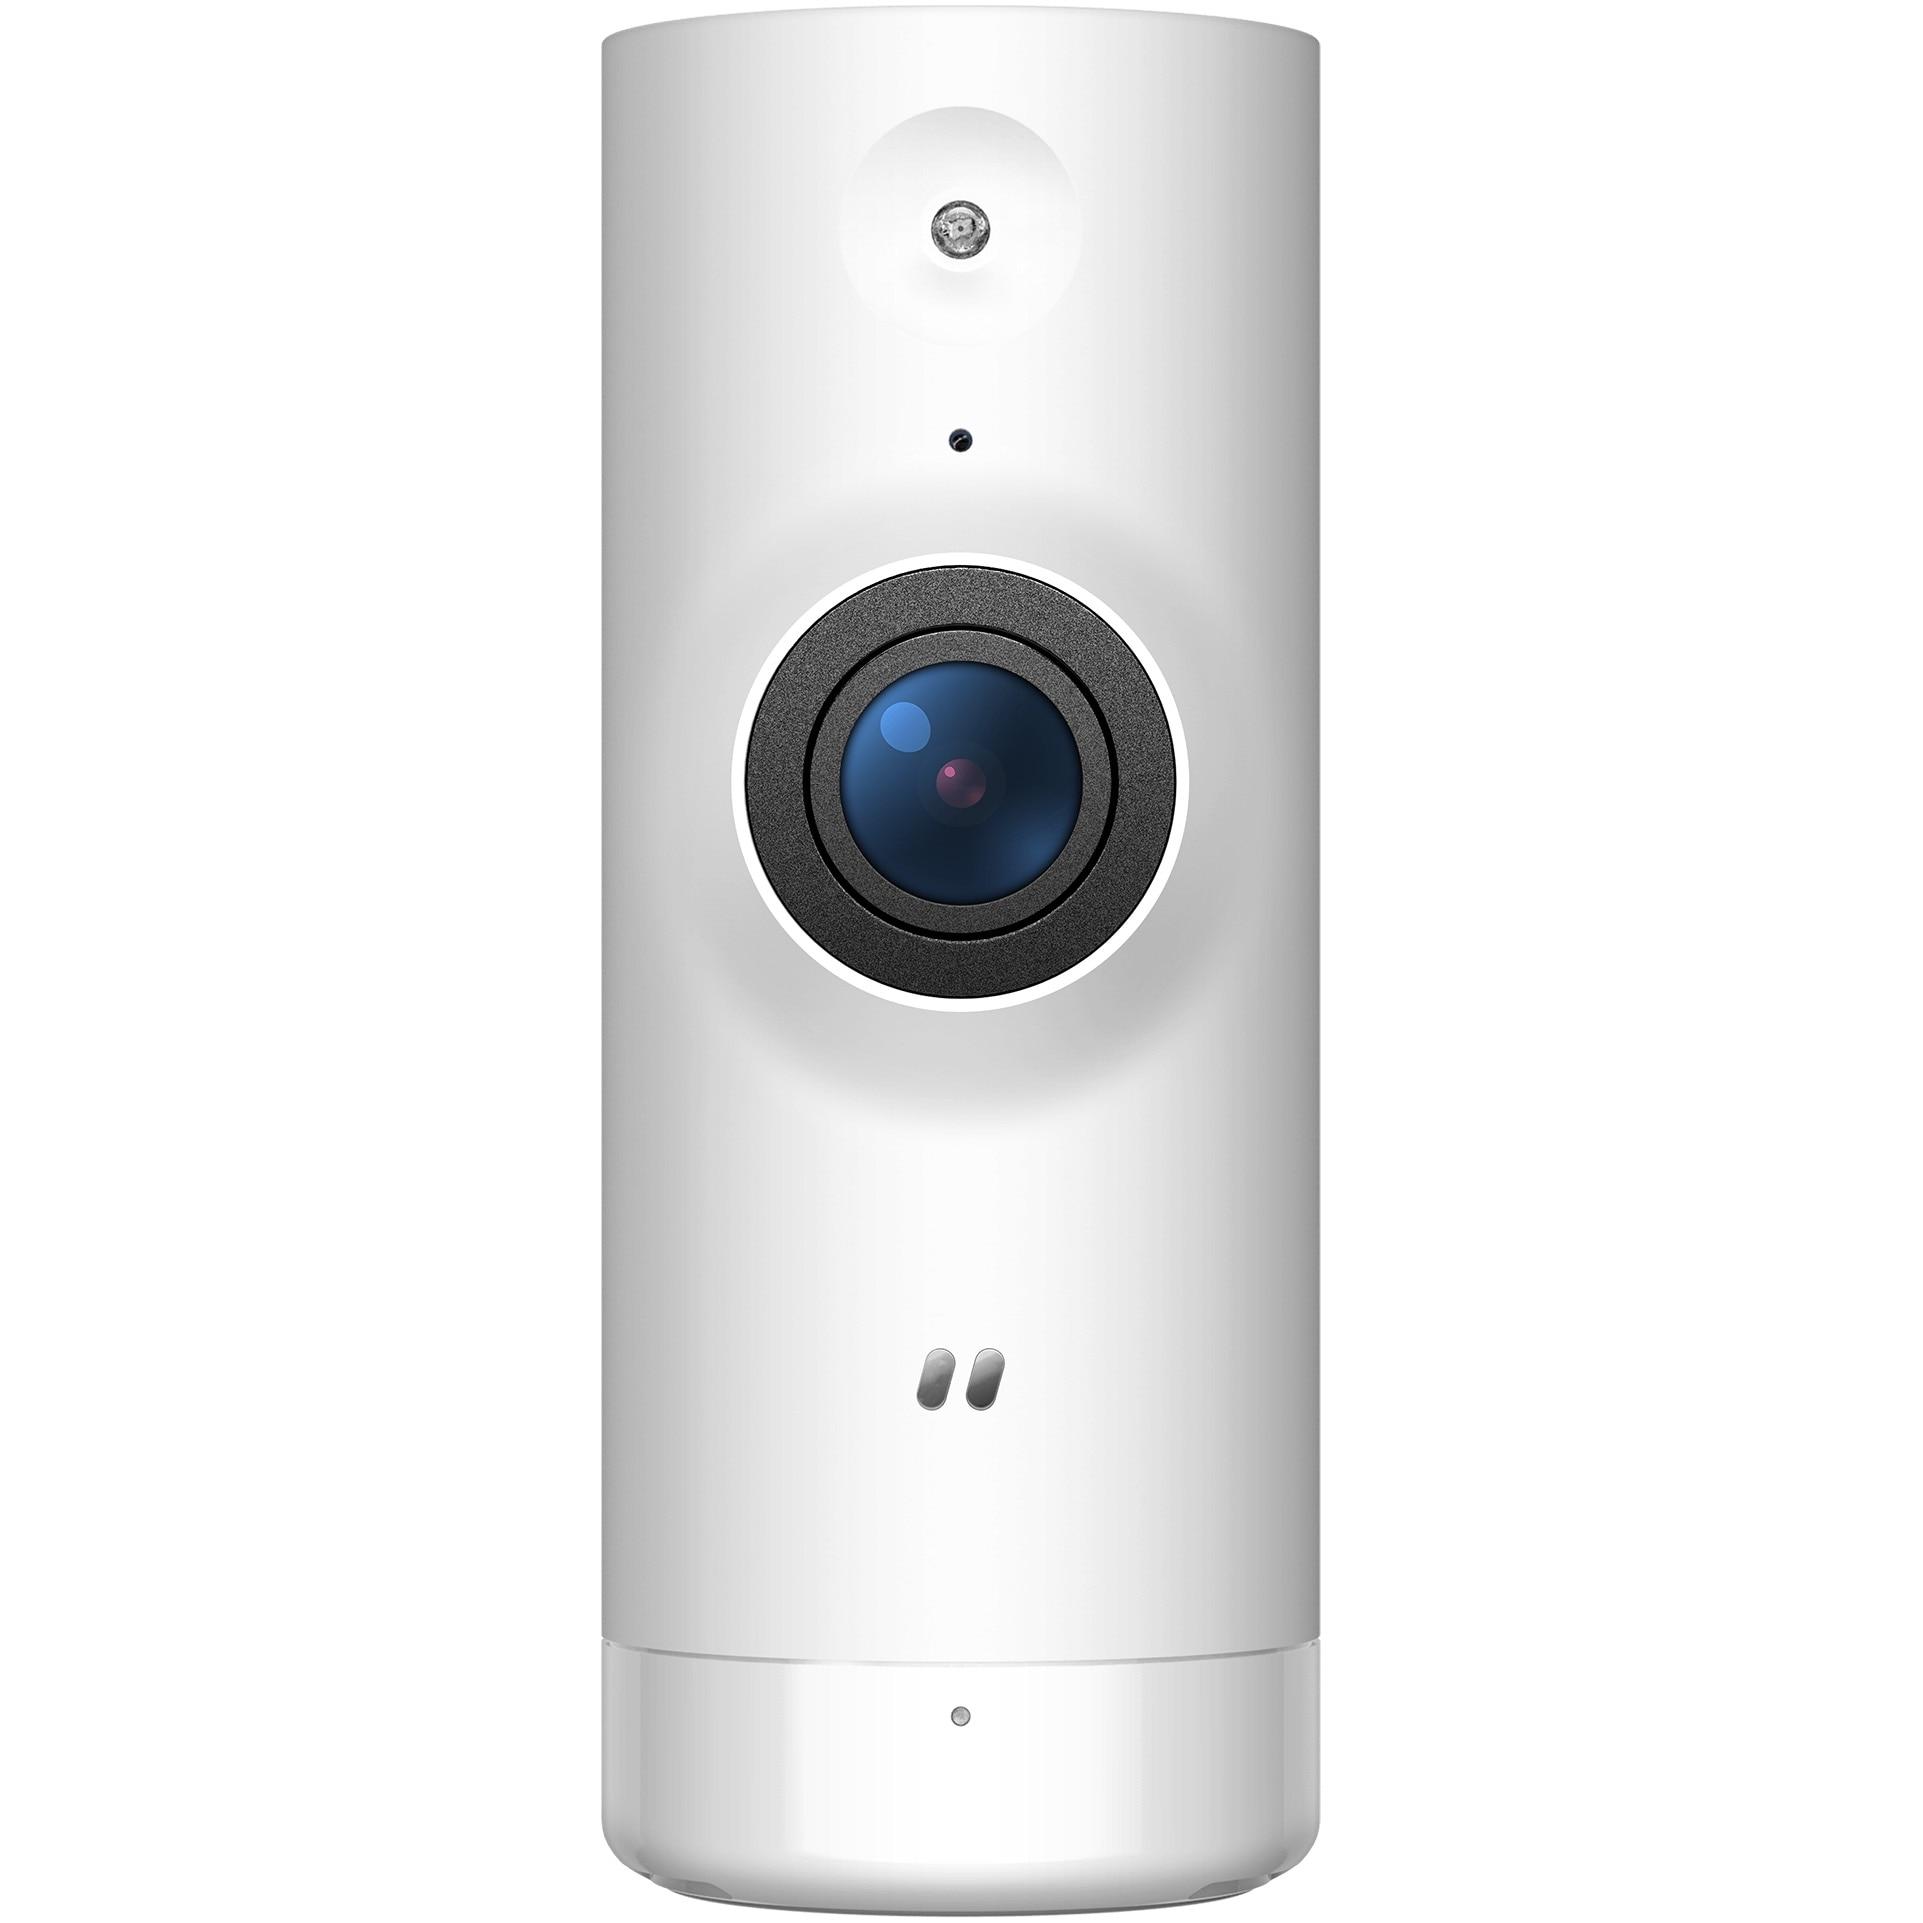 """Fotografie Camera de supraveghere D-Link Mini Full HD Wi‑Fi, DCS-8000LHV2, 1080p, CMOS 1/2.7"""", 3.28mm, IR 5m"""